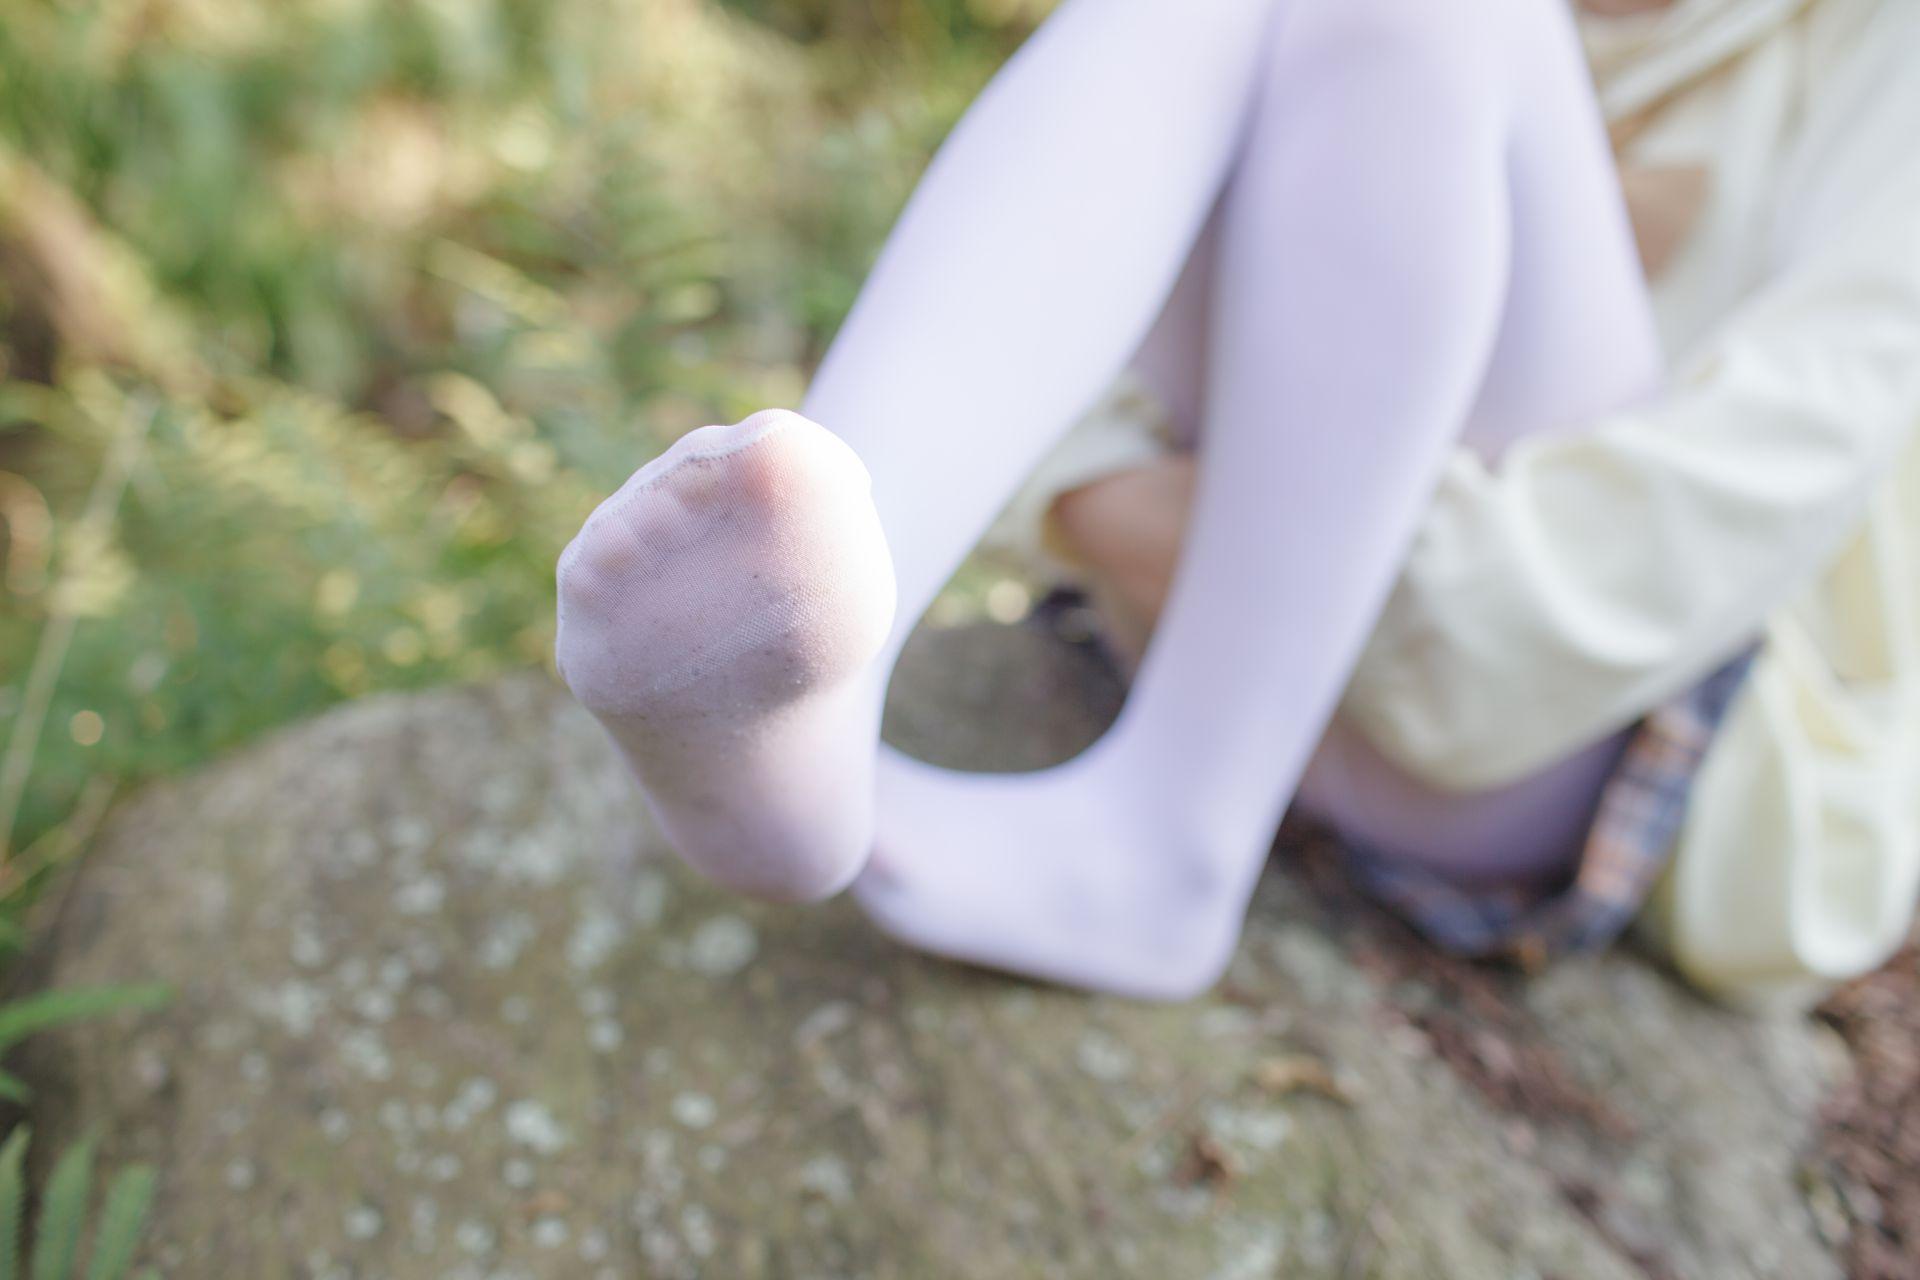 少女秩序 EXVOL.02 白丝户外 活捉野外小姐姐 兔玩映画 第25张